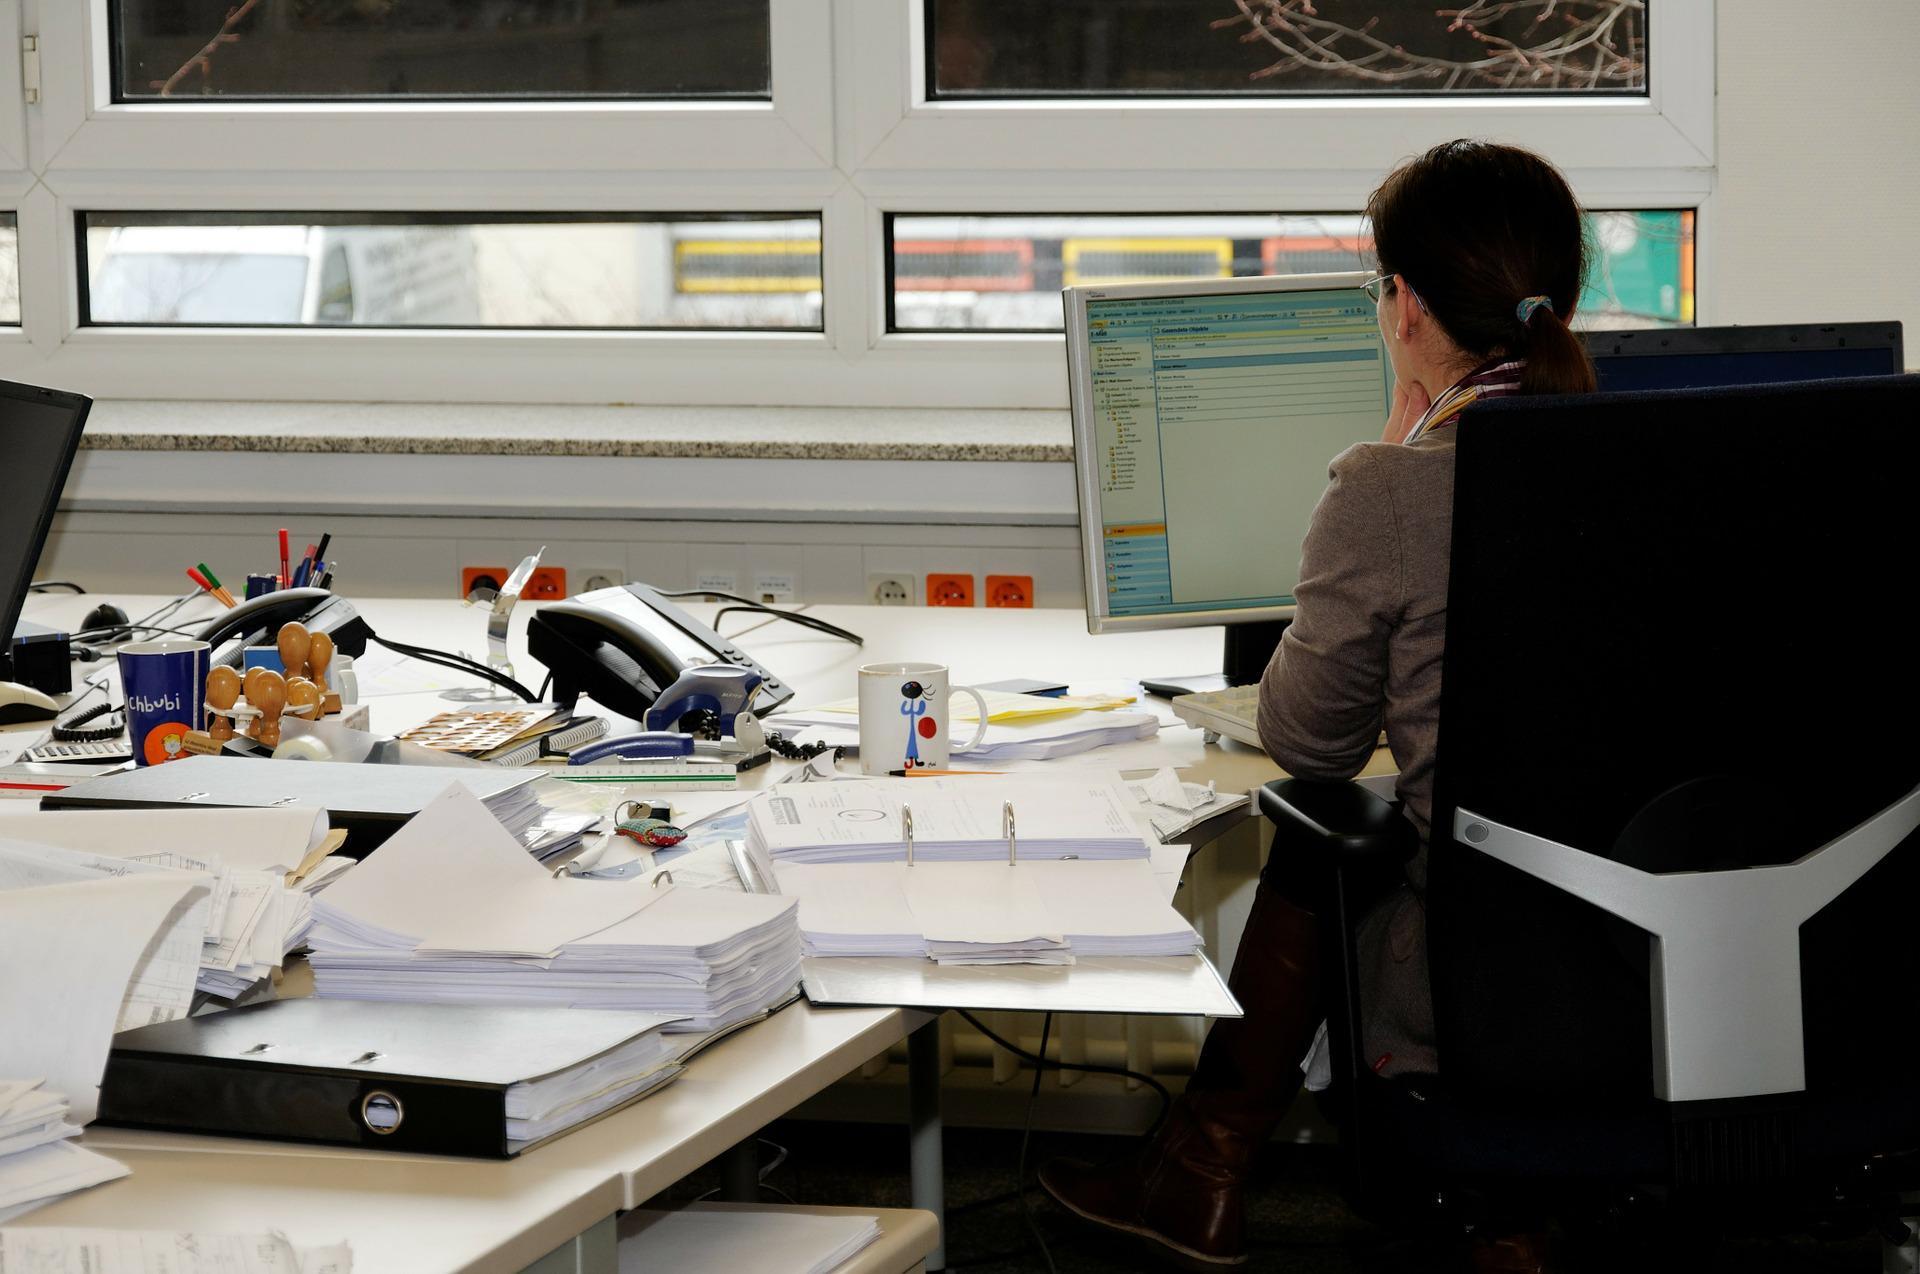 Mitbestimmung bei der Arbeitszeit – und die arbeitsplatzbezogenen Rahmendienstpläne